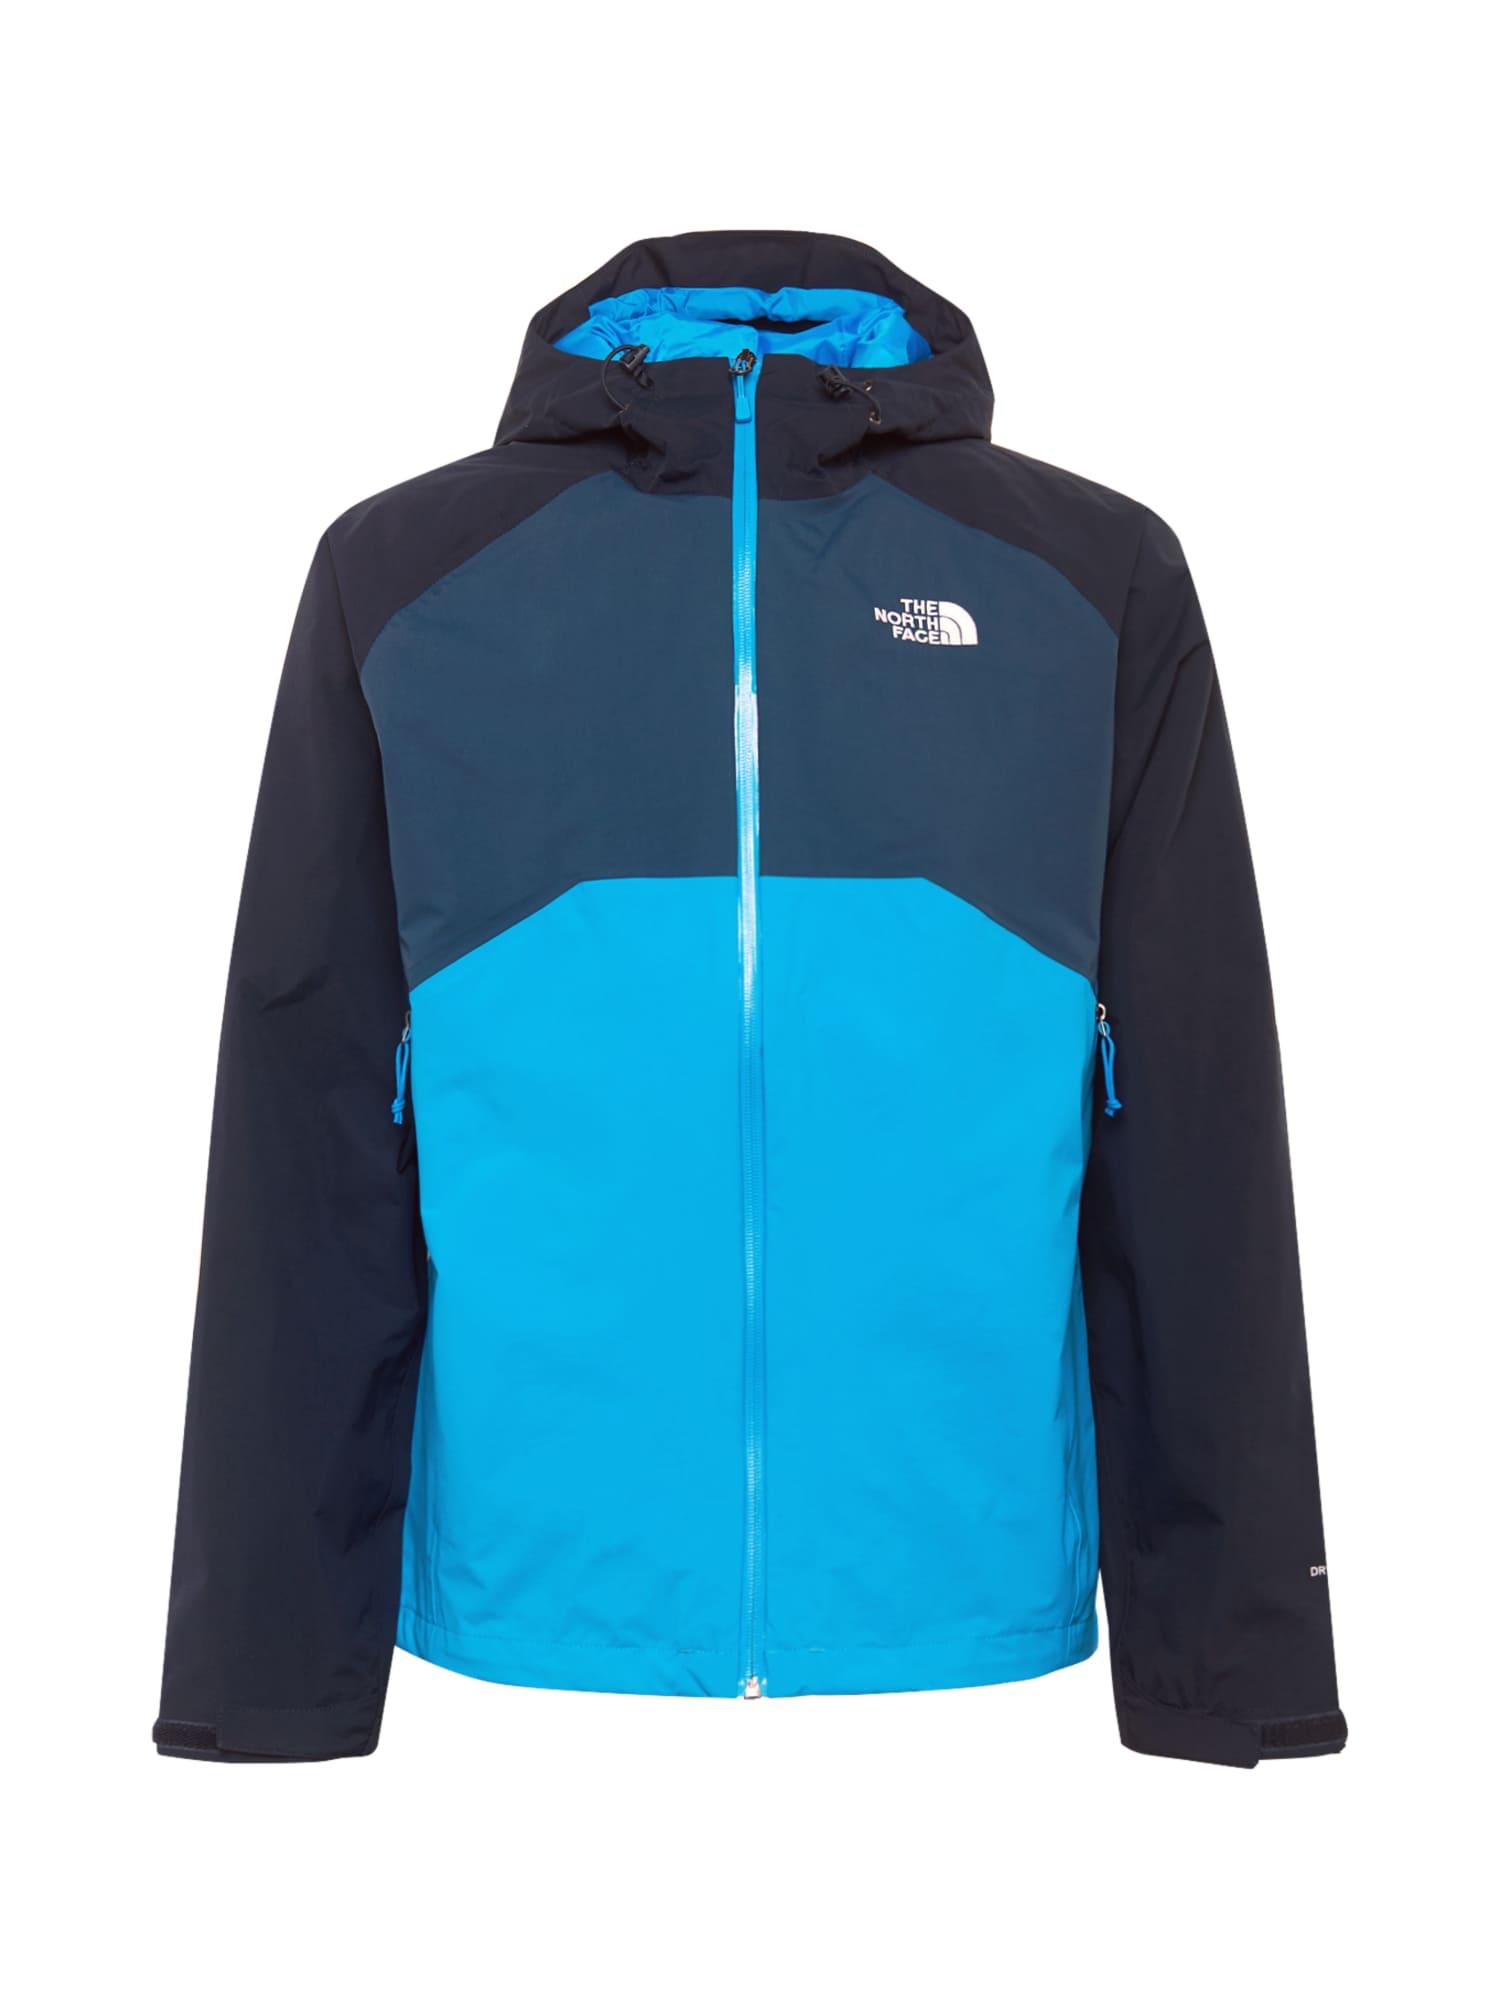 THE NORTH FACE Športová bunda 'Stratos'  tmavomodrá / modrá / svetlomodrá